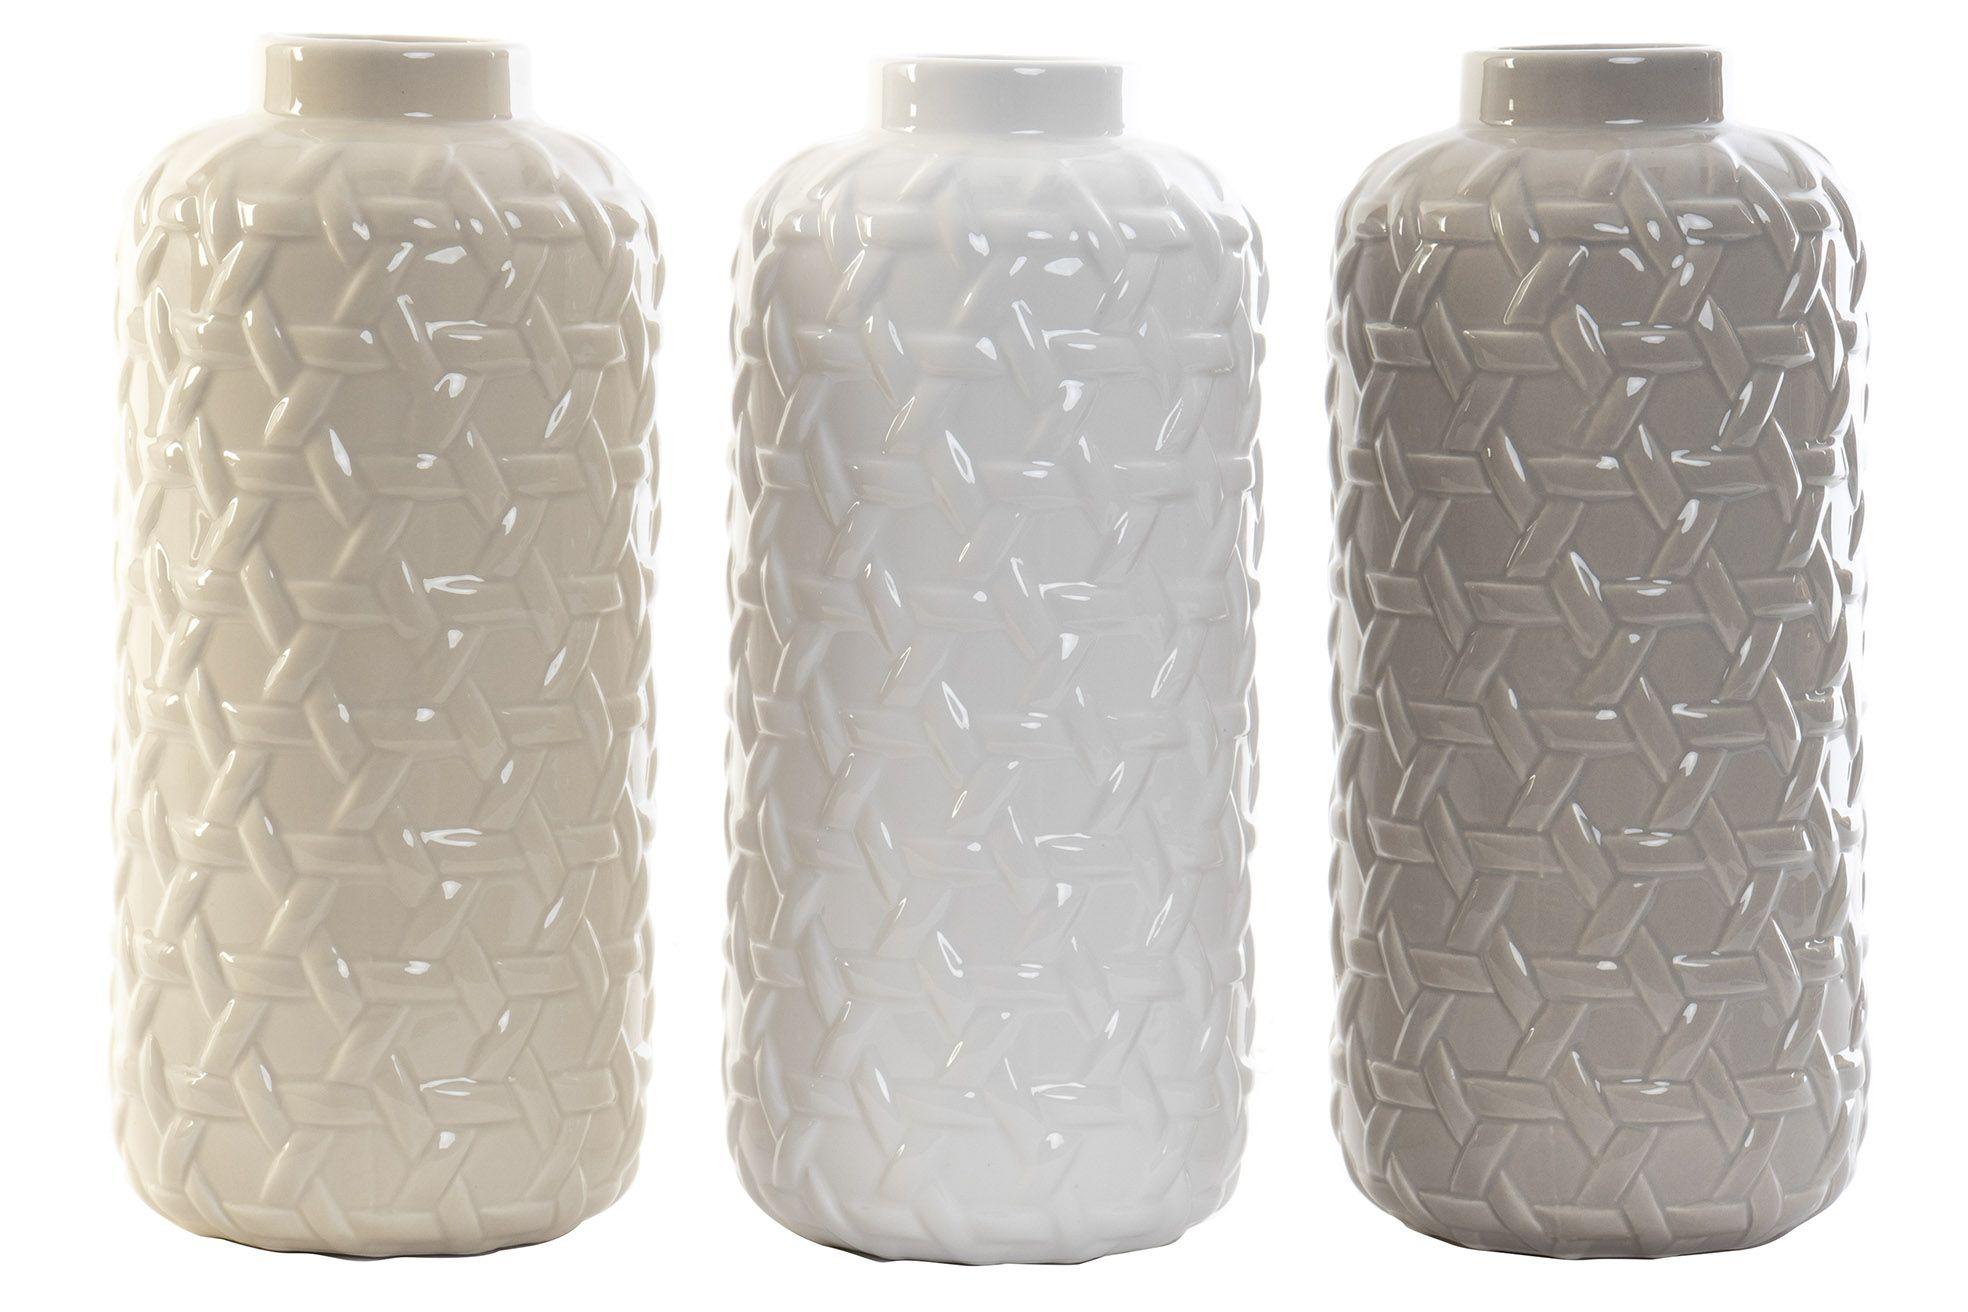 Vase i keramik 11x25 cm